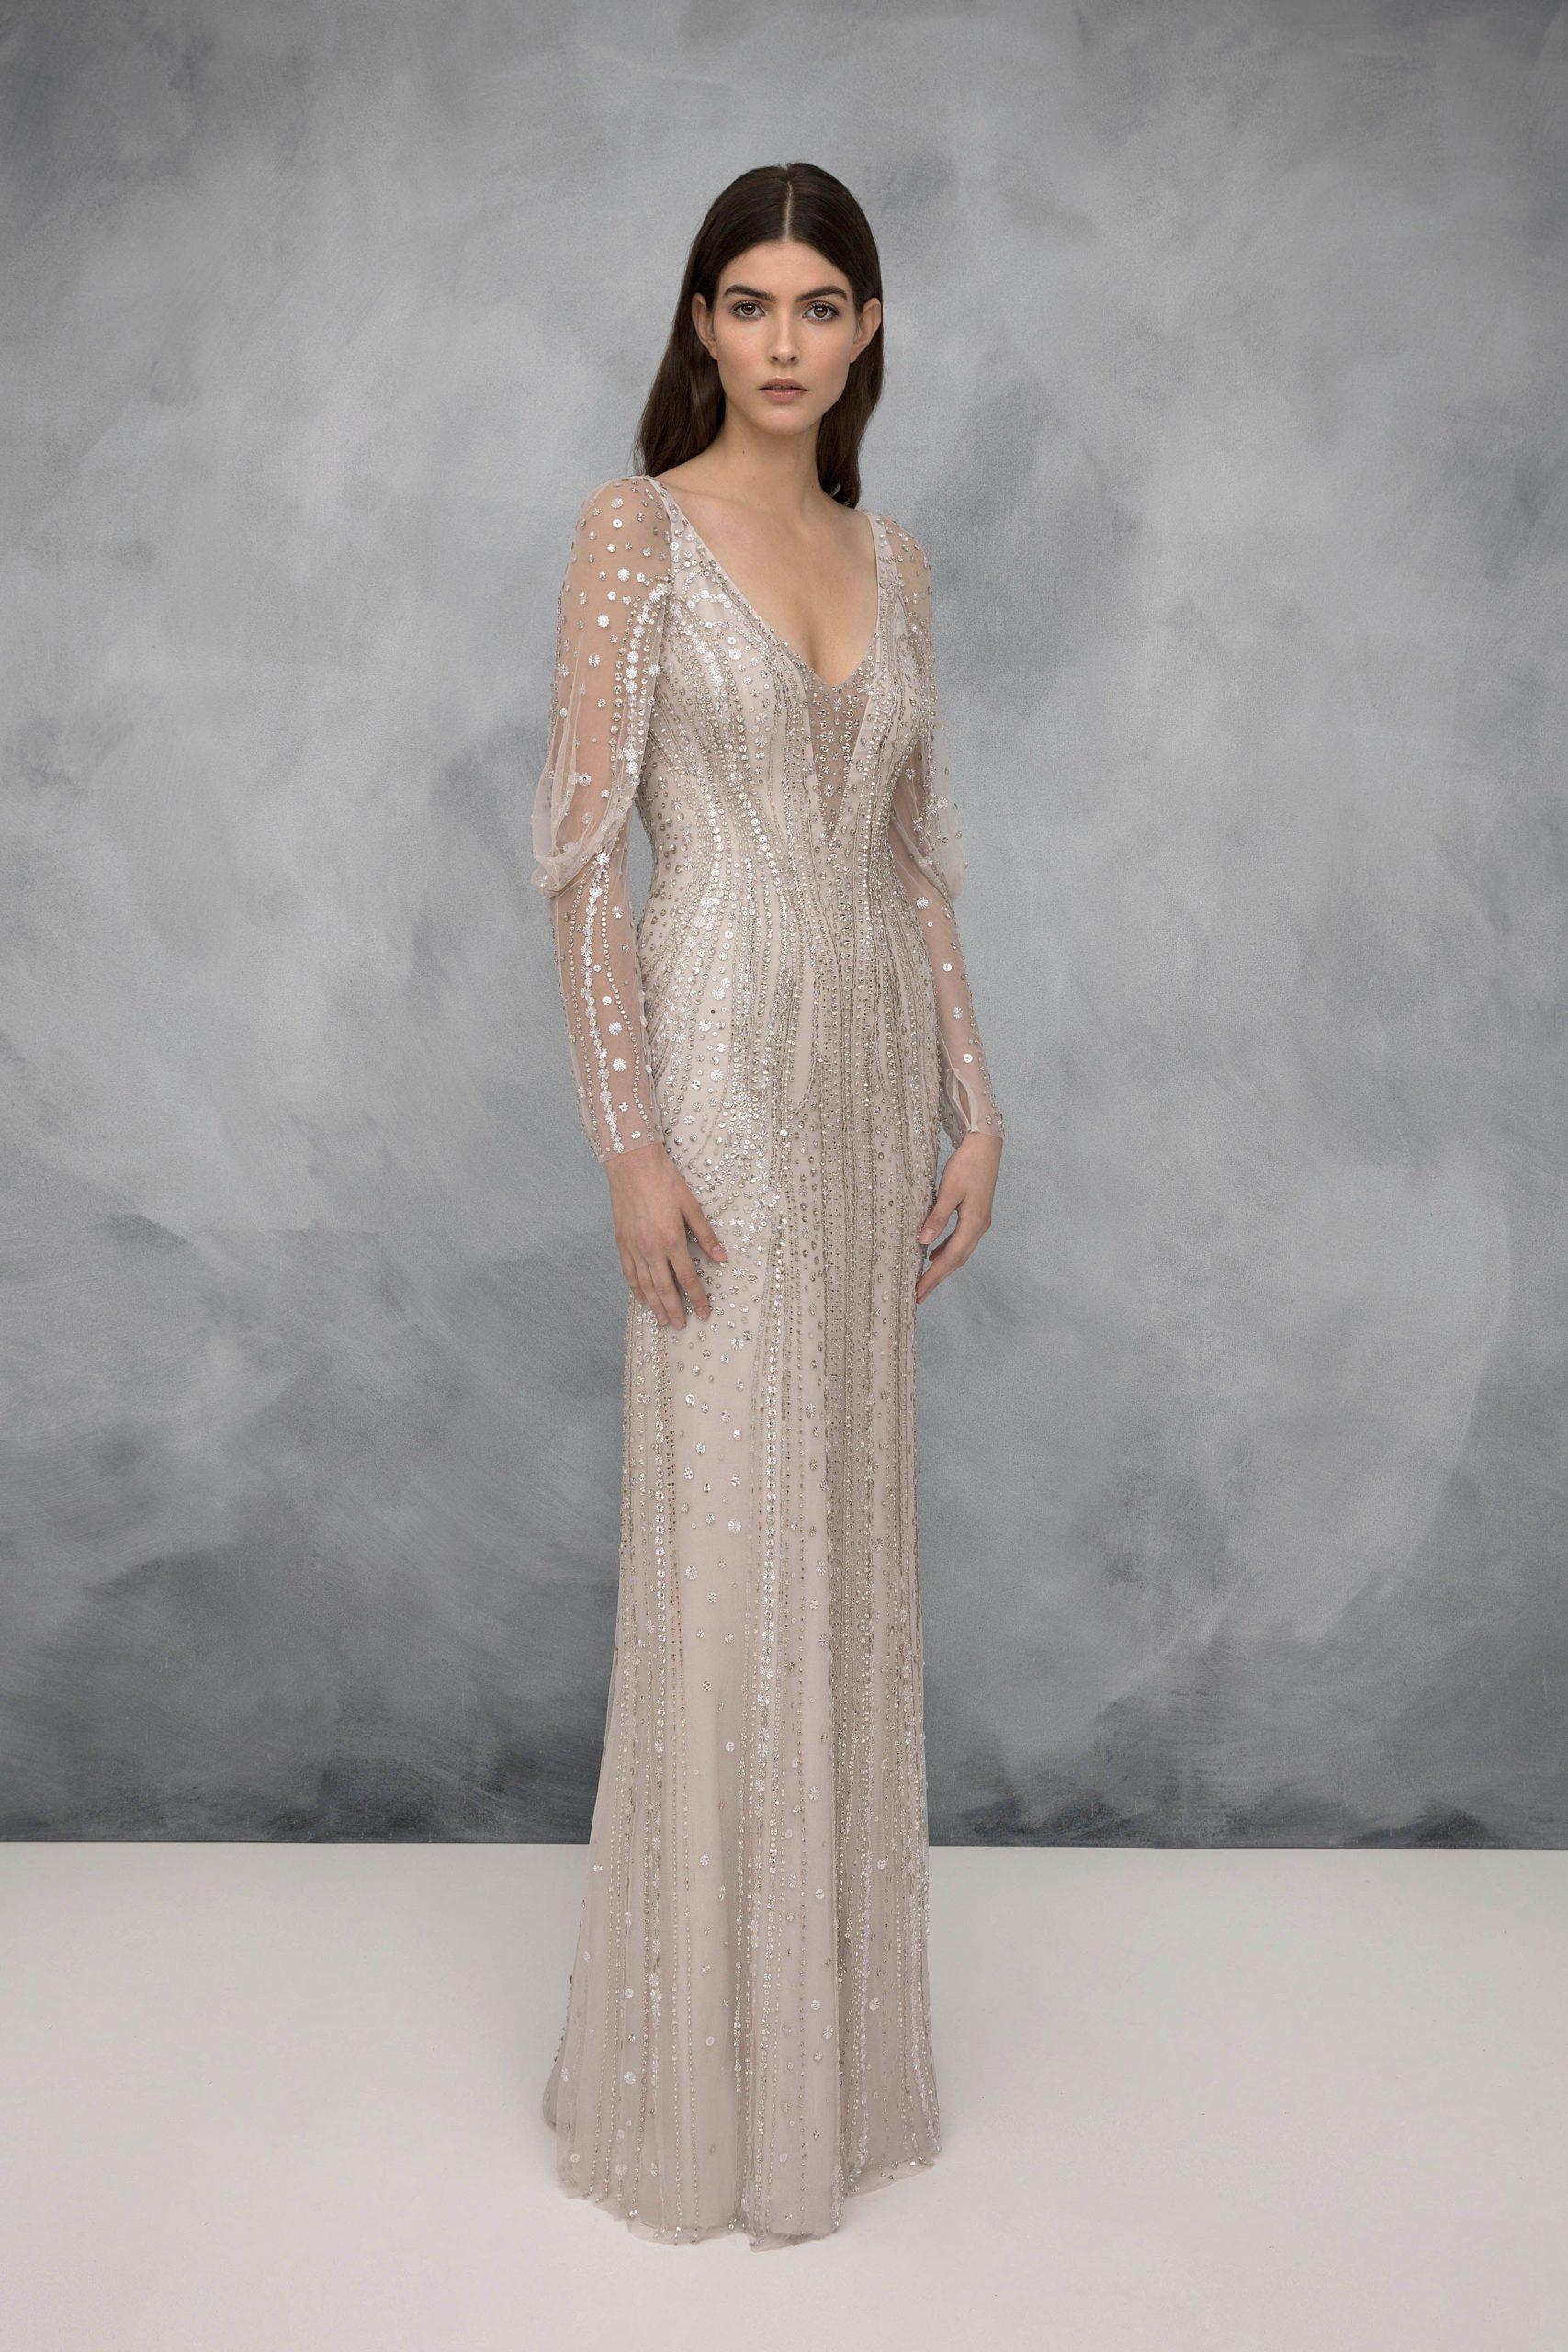 Designer Erstaunlich Jenny Packham Abendkleid Spezialgebiet15 Schön Jenny Packham Abendkleid Vertrieb